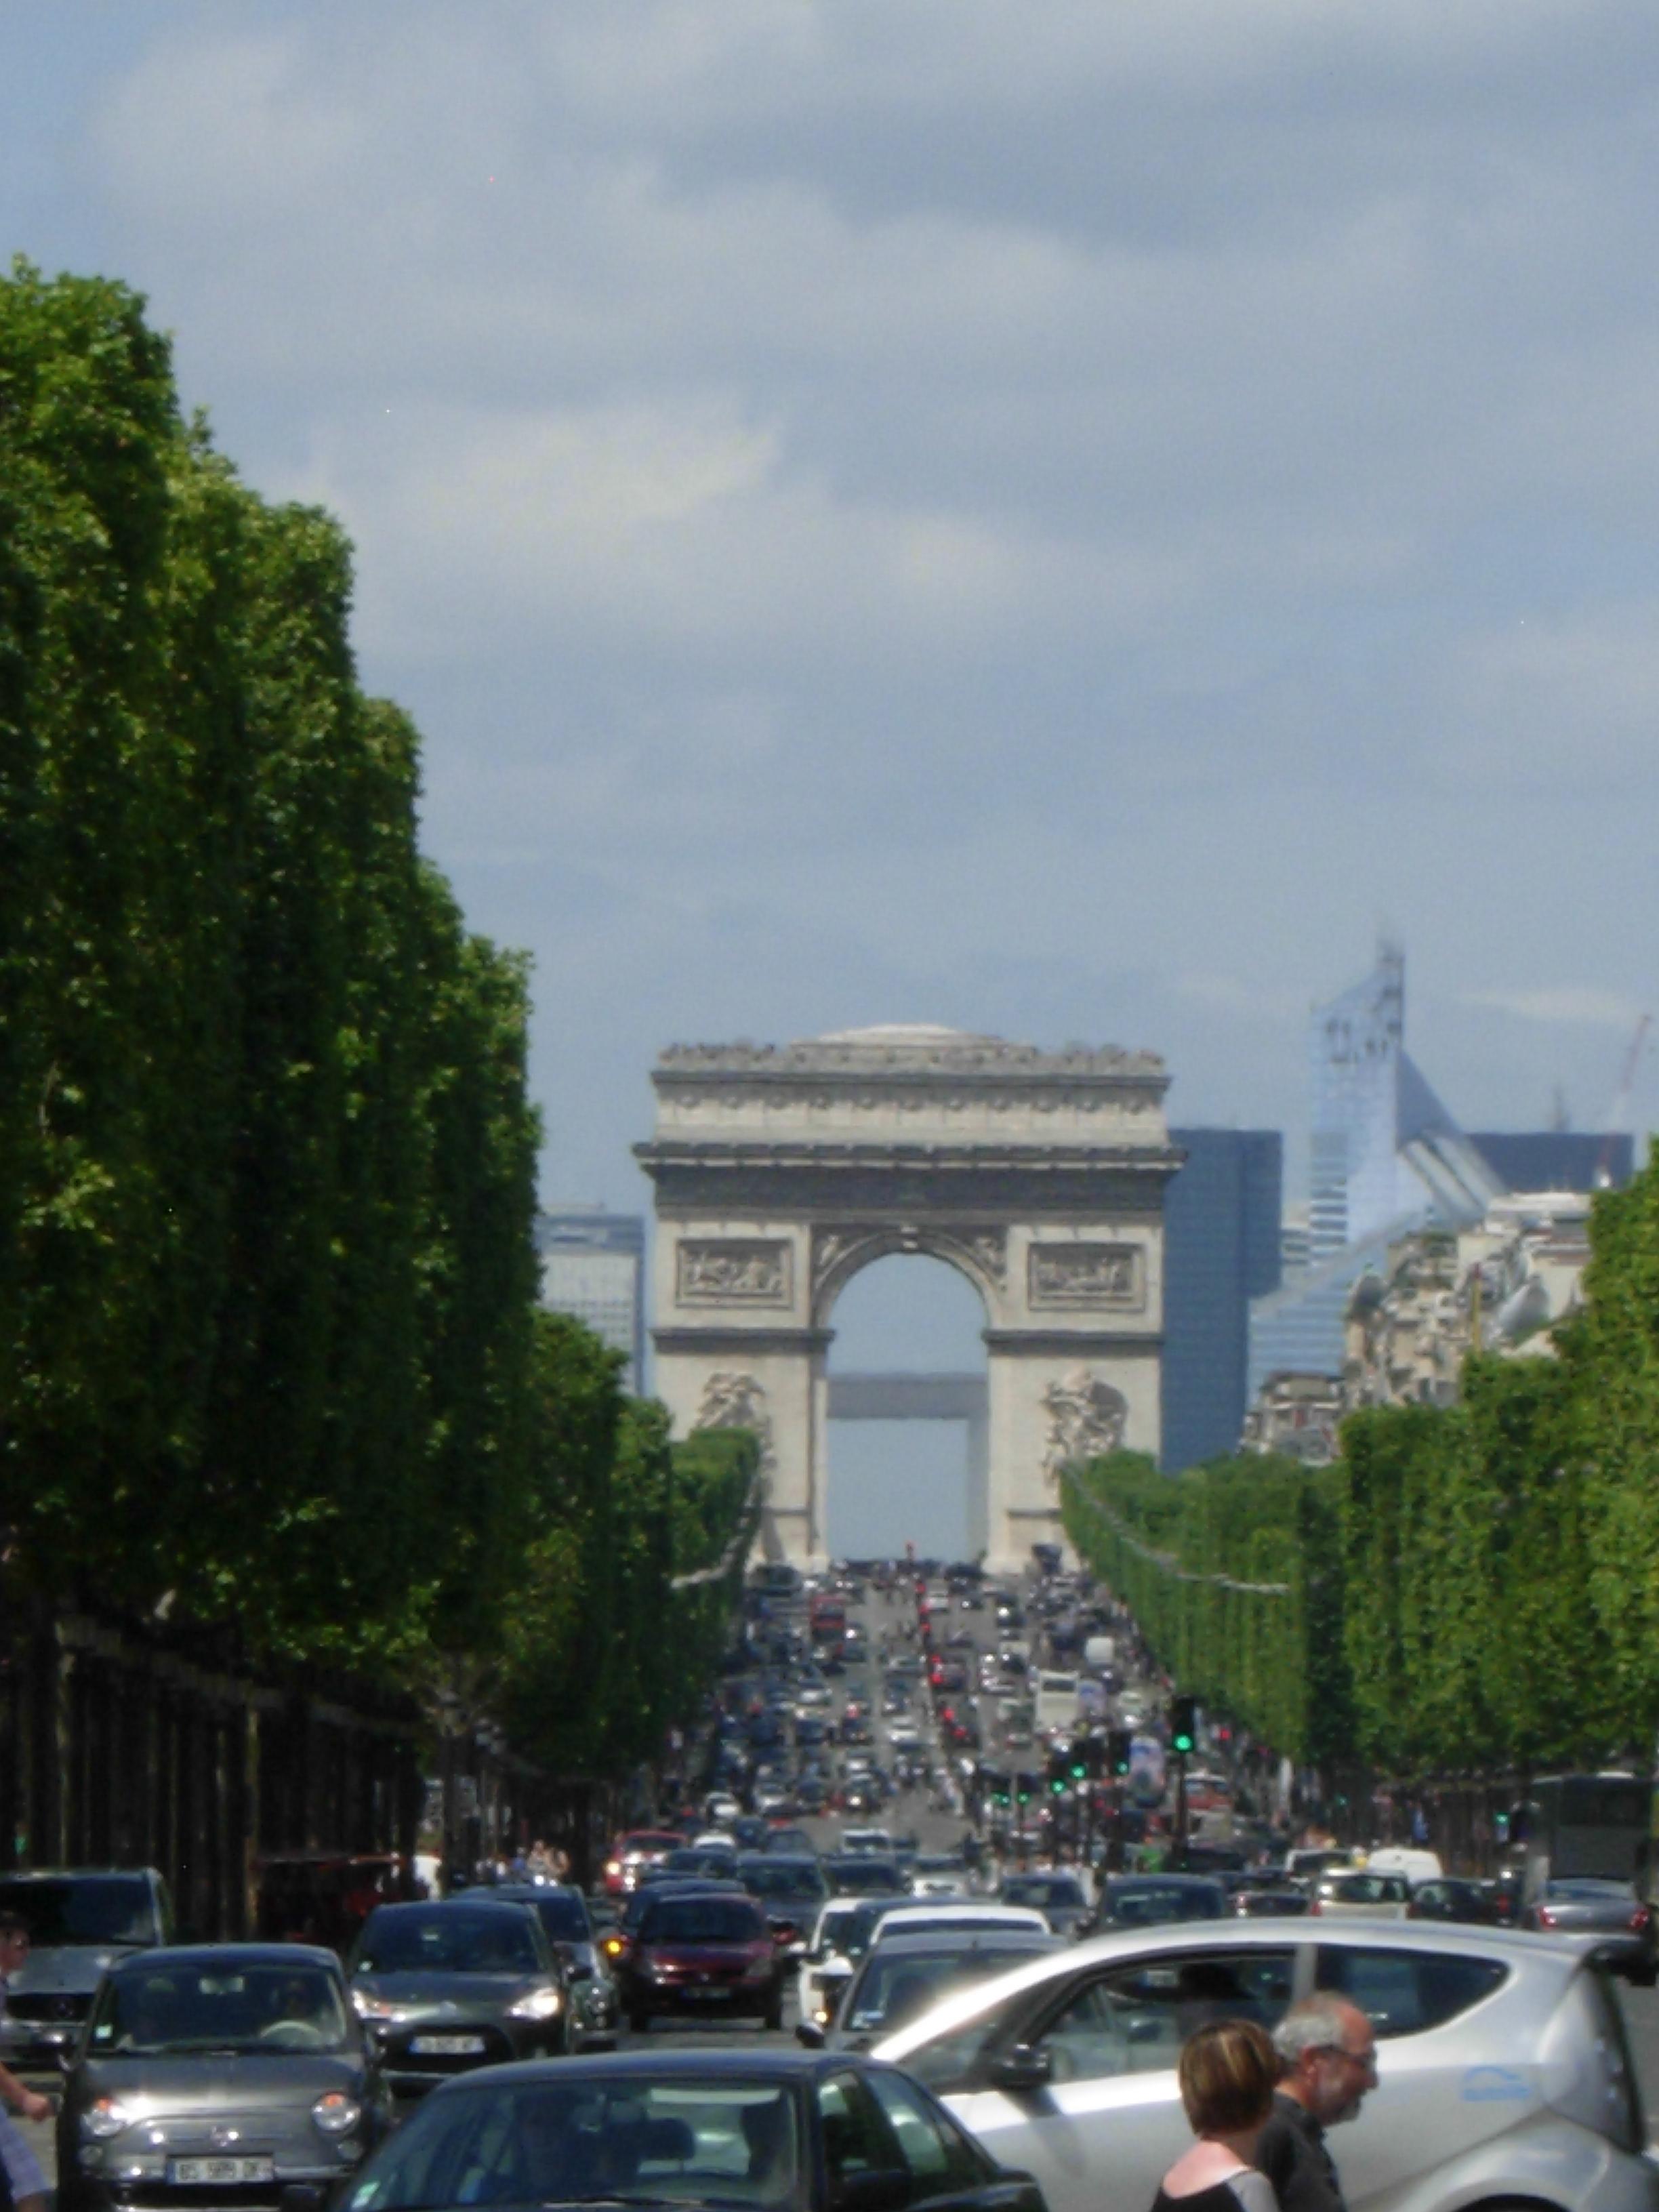 文化巴黎的魅力——卢浮宫、凯旋门……_图1-10